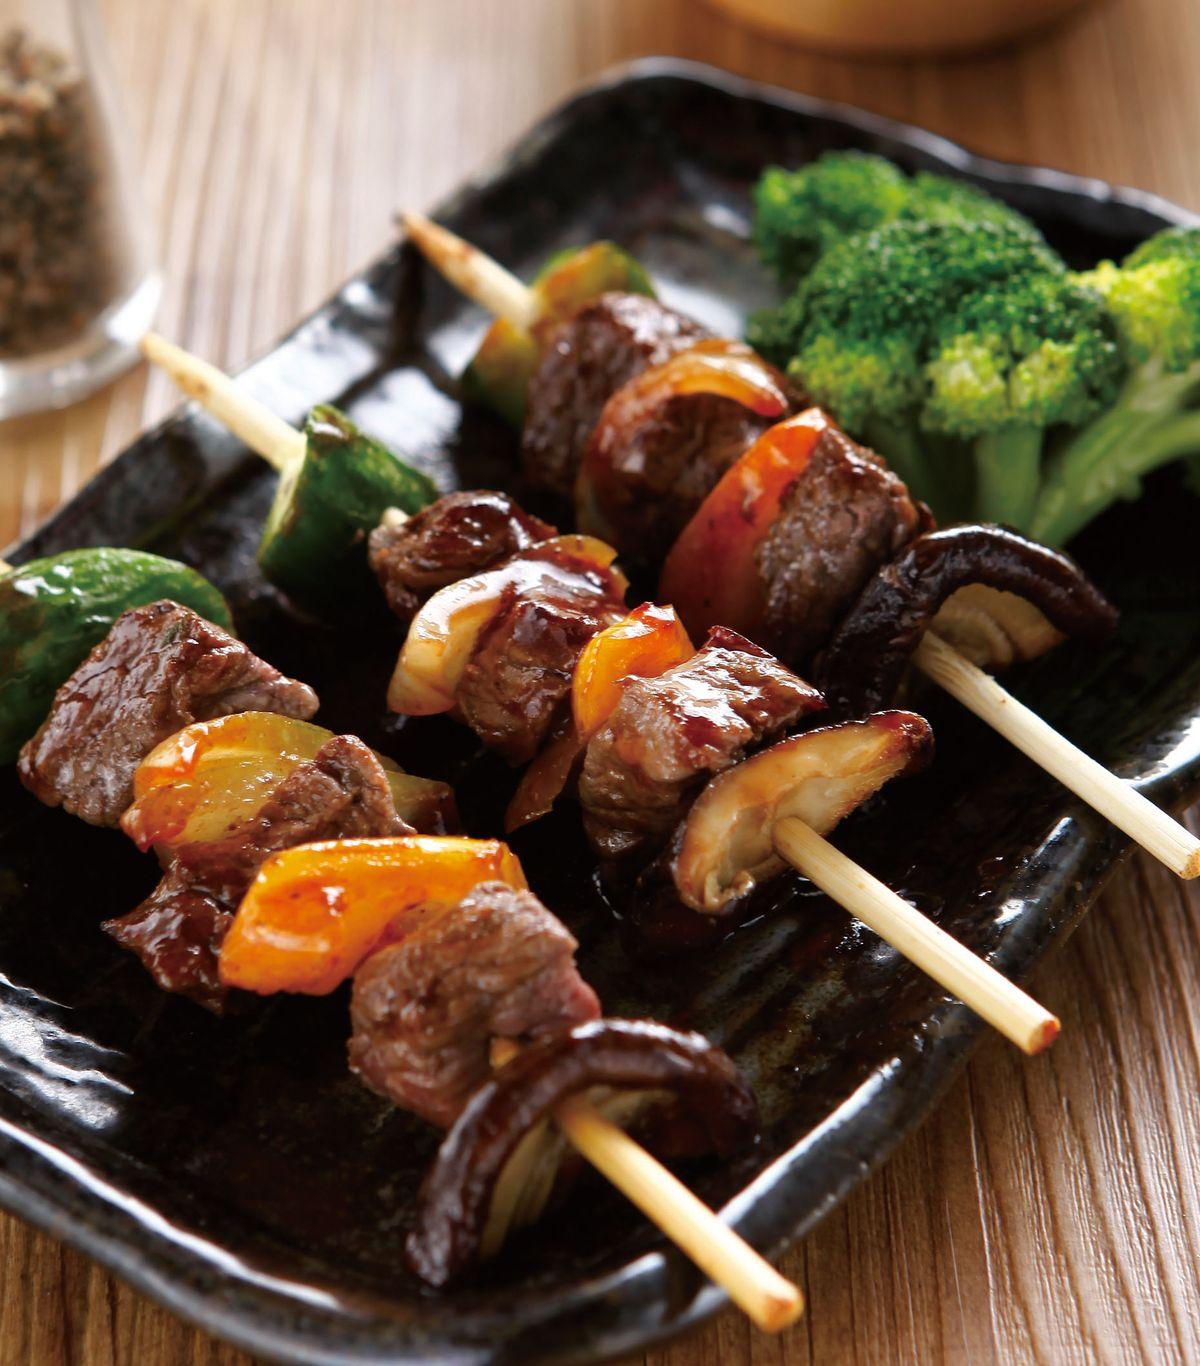 食譜:串烤牛肉